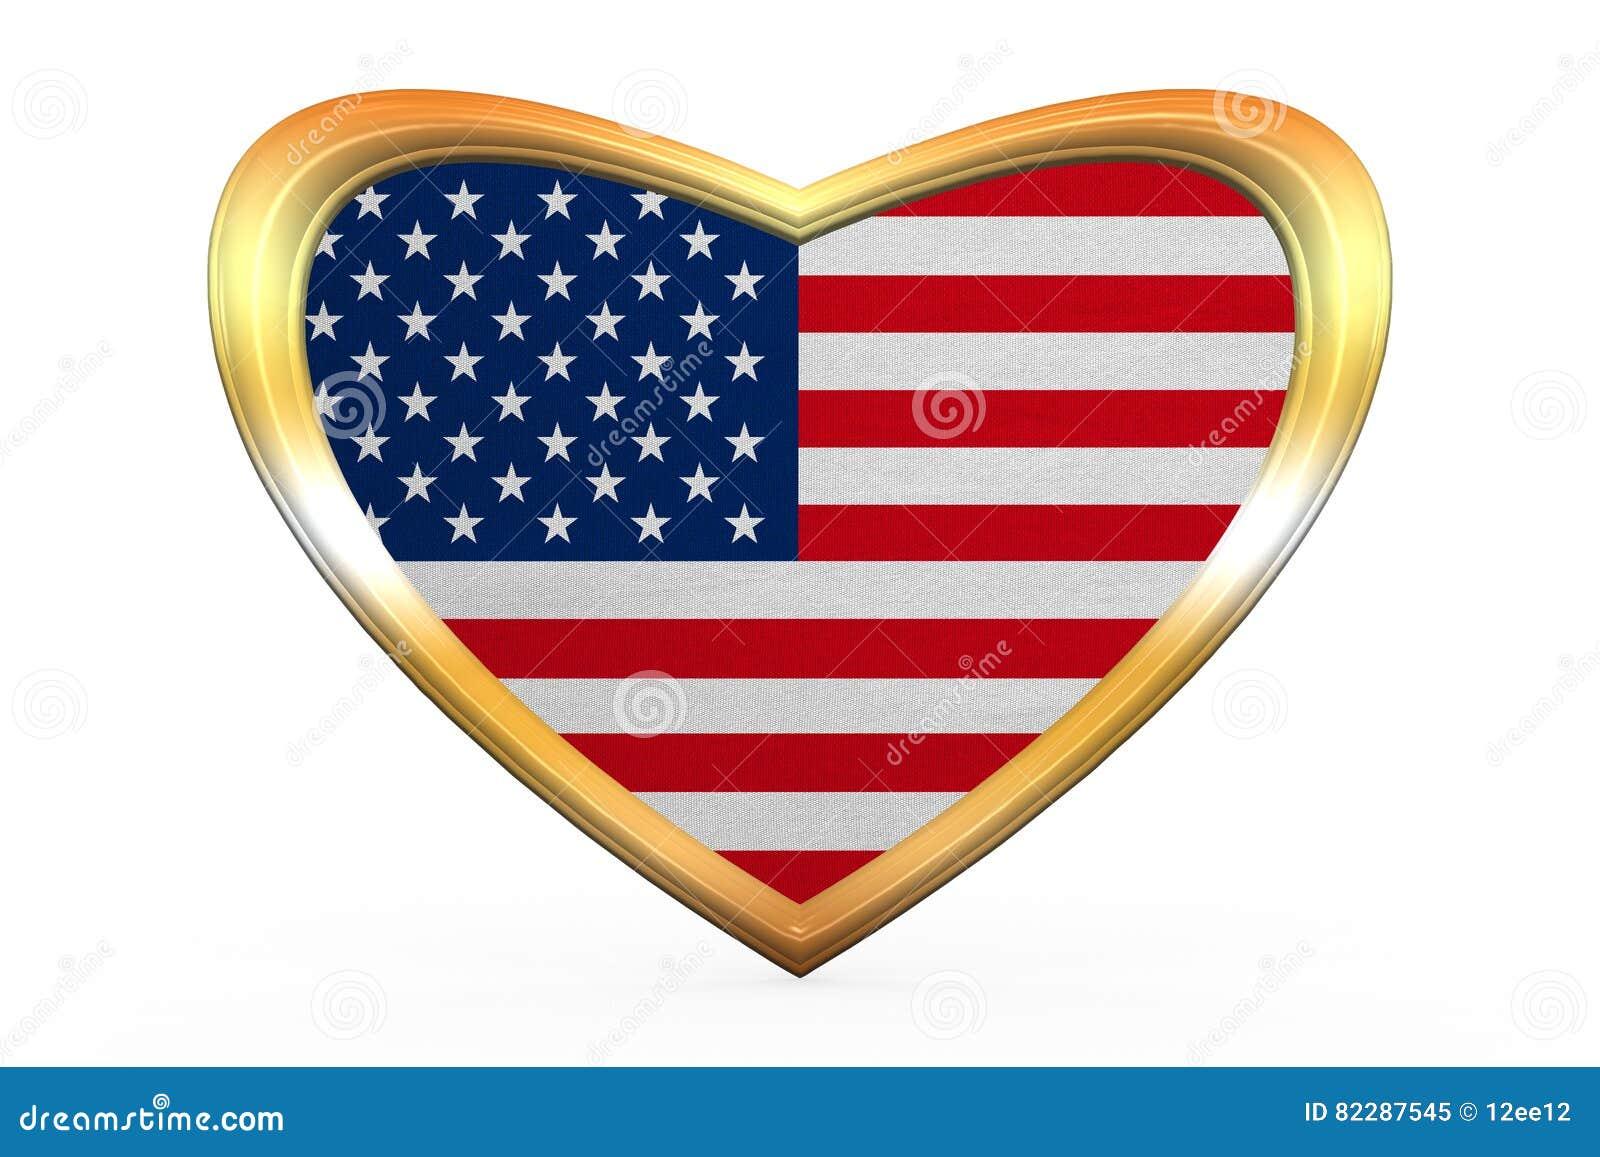 Flagge Von USA In Der Herzform, Goldener Rahmen Stockbild - Bild von ...